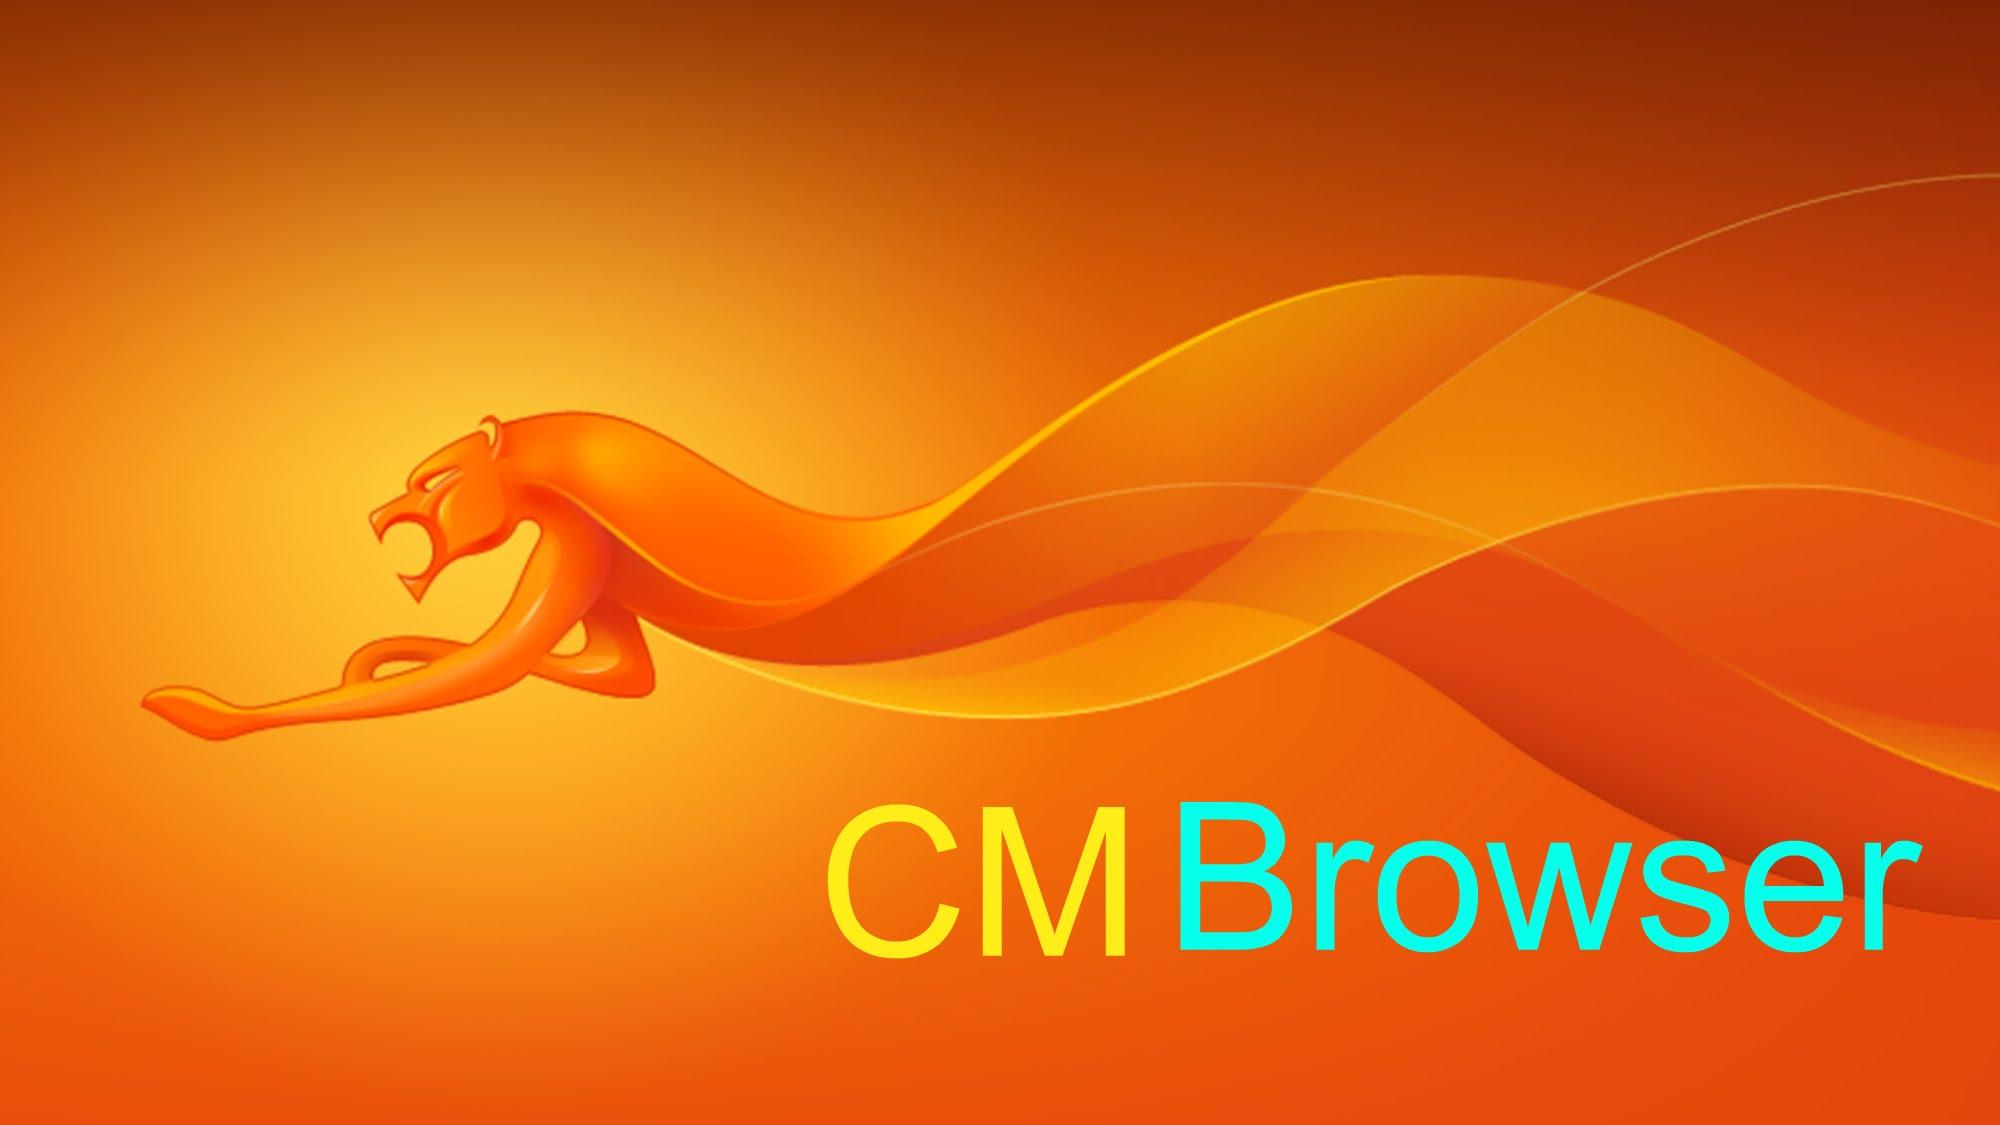 دانلود مرورگر CM Browser  برای اندروید و ios ؛ لذت امنیت و سرعت در وبگردی با برنامهای کمحجم